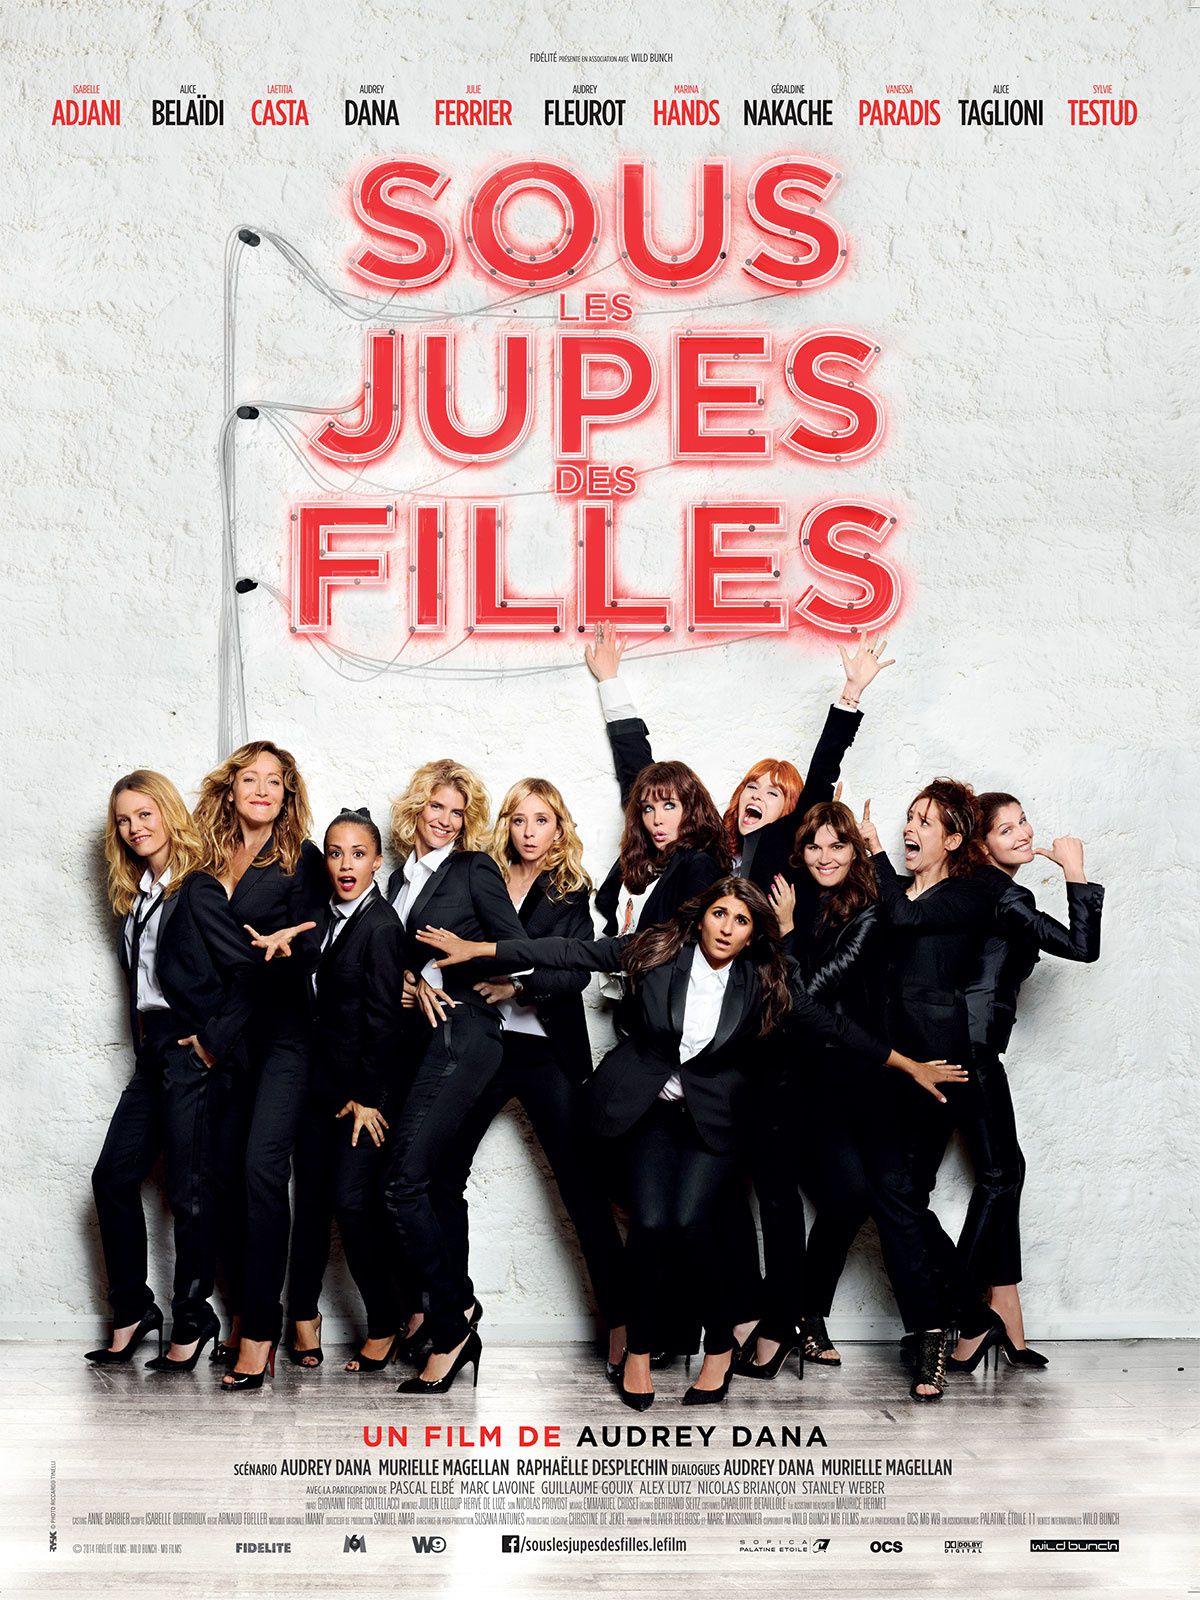 """""""Sous les jupes des filles"""" traite bien des préoccupations des femmes et de leur rapport au sexe, et en plus c'est drôle... Actuellement au cinéma !"""